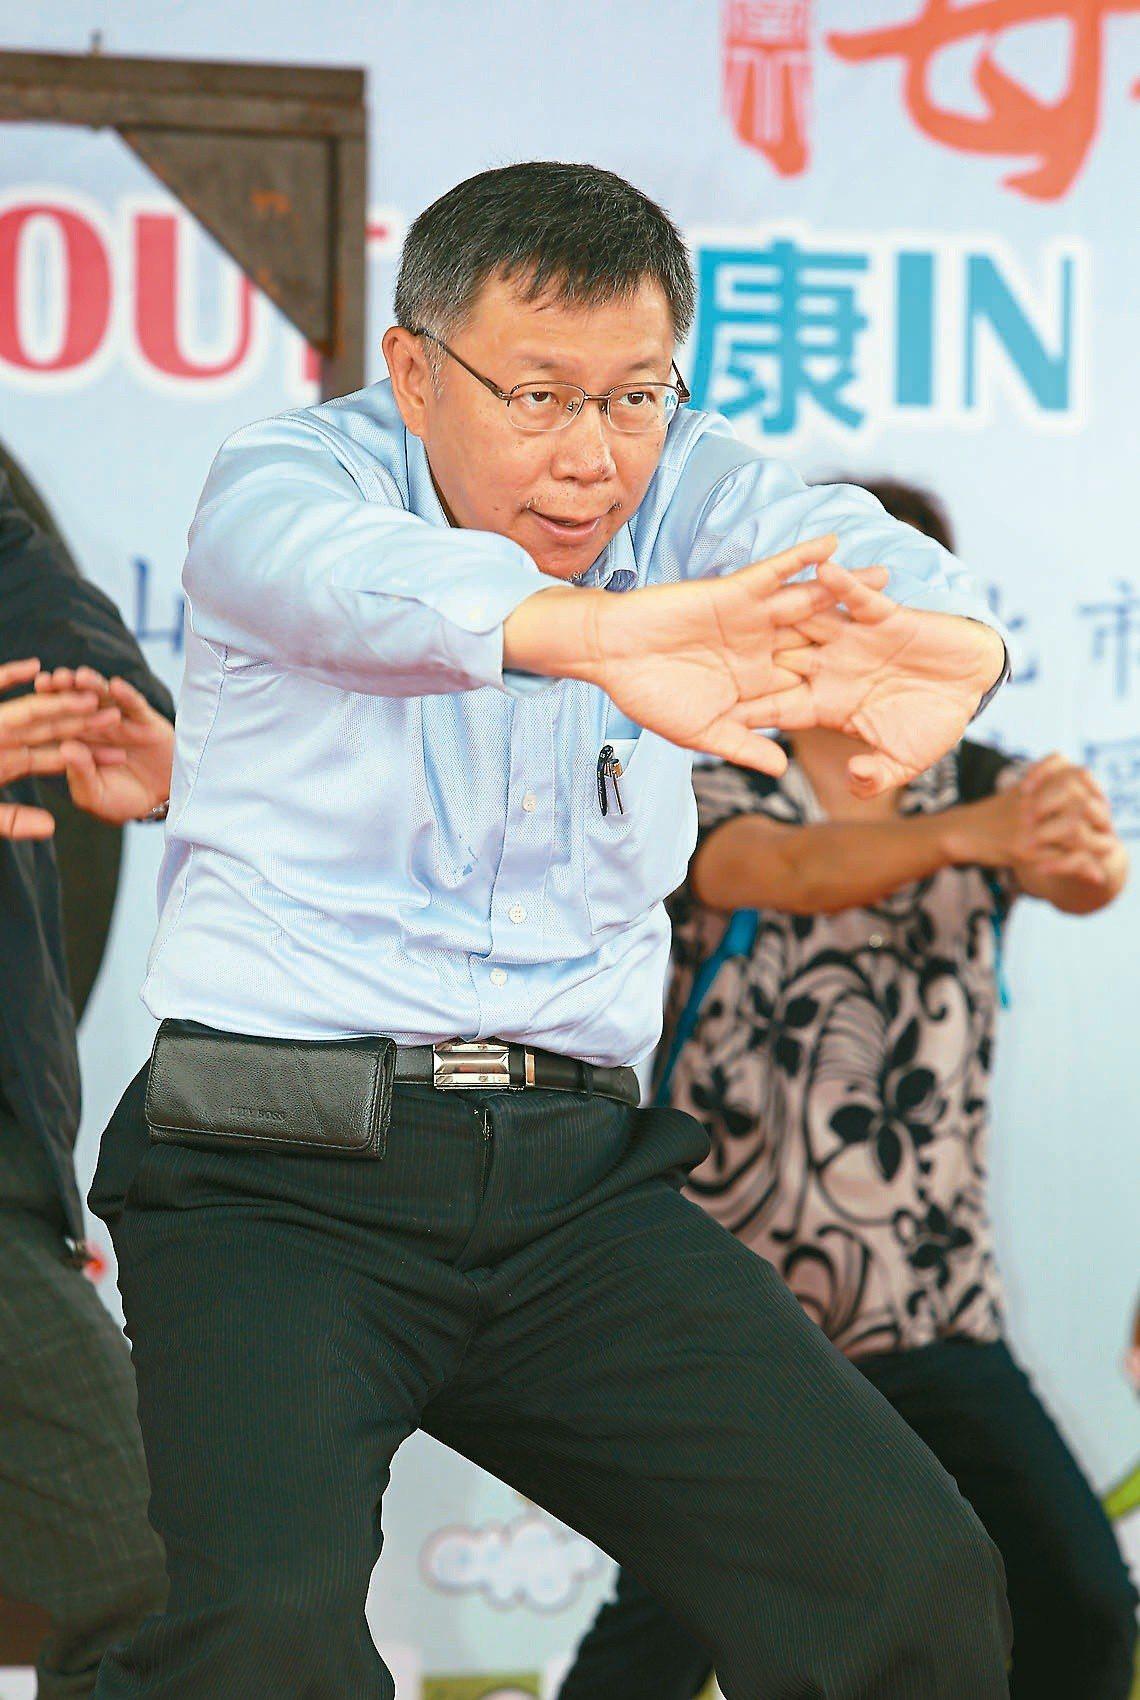 台北市長柯文哲選與不選的一念之間,牽動2020總統戰局。本報資料照片